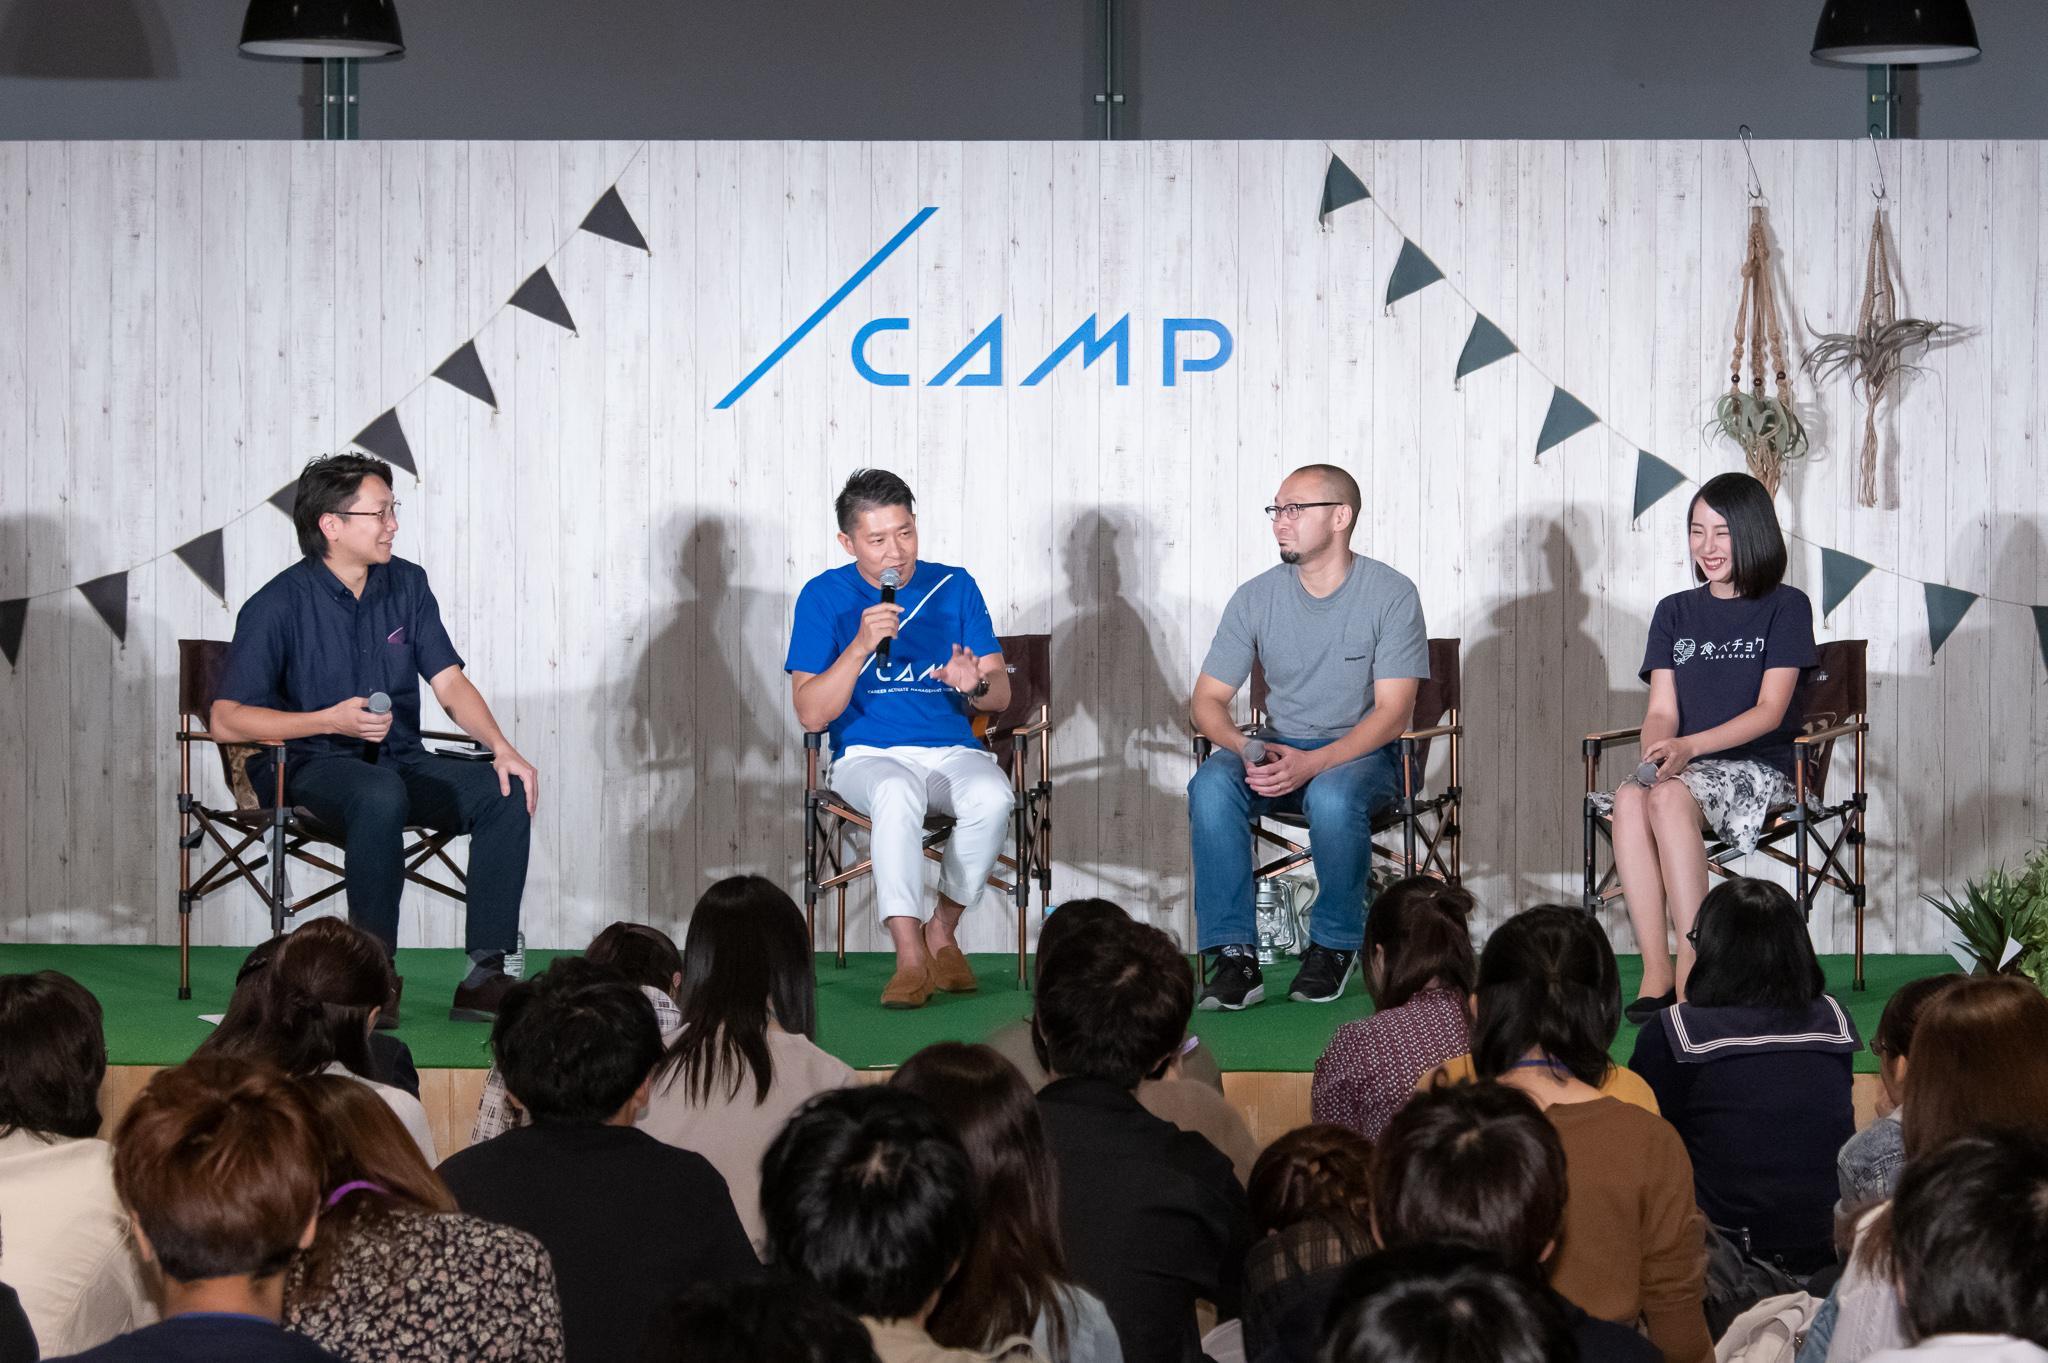 大企業に、転職、起業。多様性時代で最適なワークスタイルの見つけ方。「CAMP SUMMIT 2019」レポート